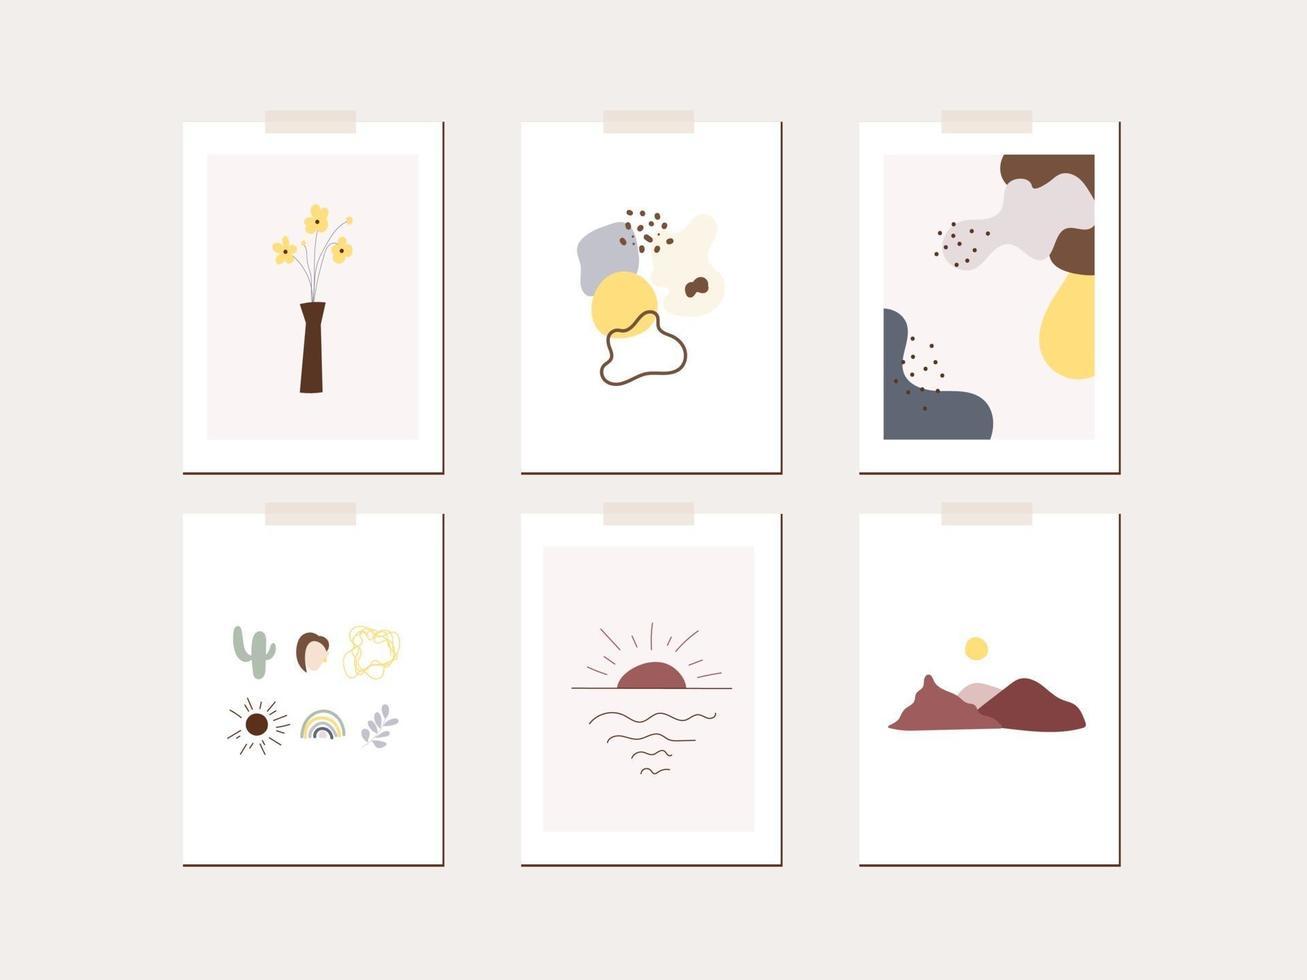 modèle d'affiche de carte de voeux humeur de printemps. feuilles minimalistes, fleurs, soleil, formes abstraites vecteur